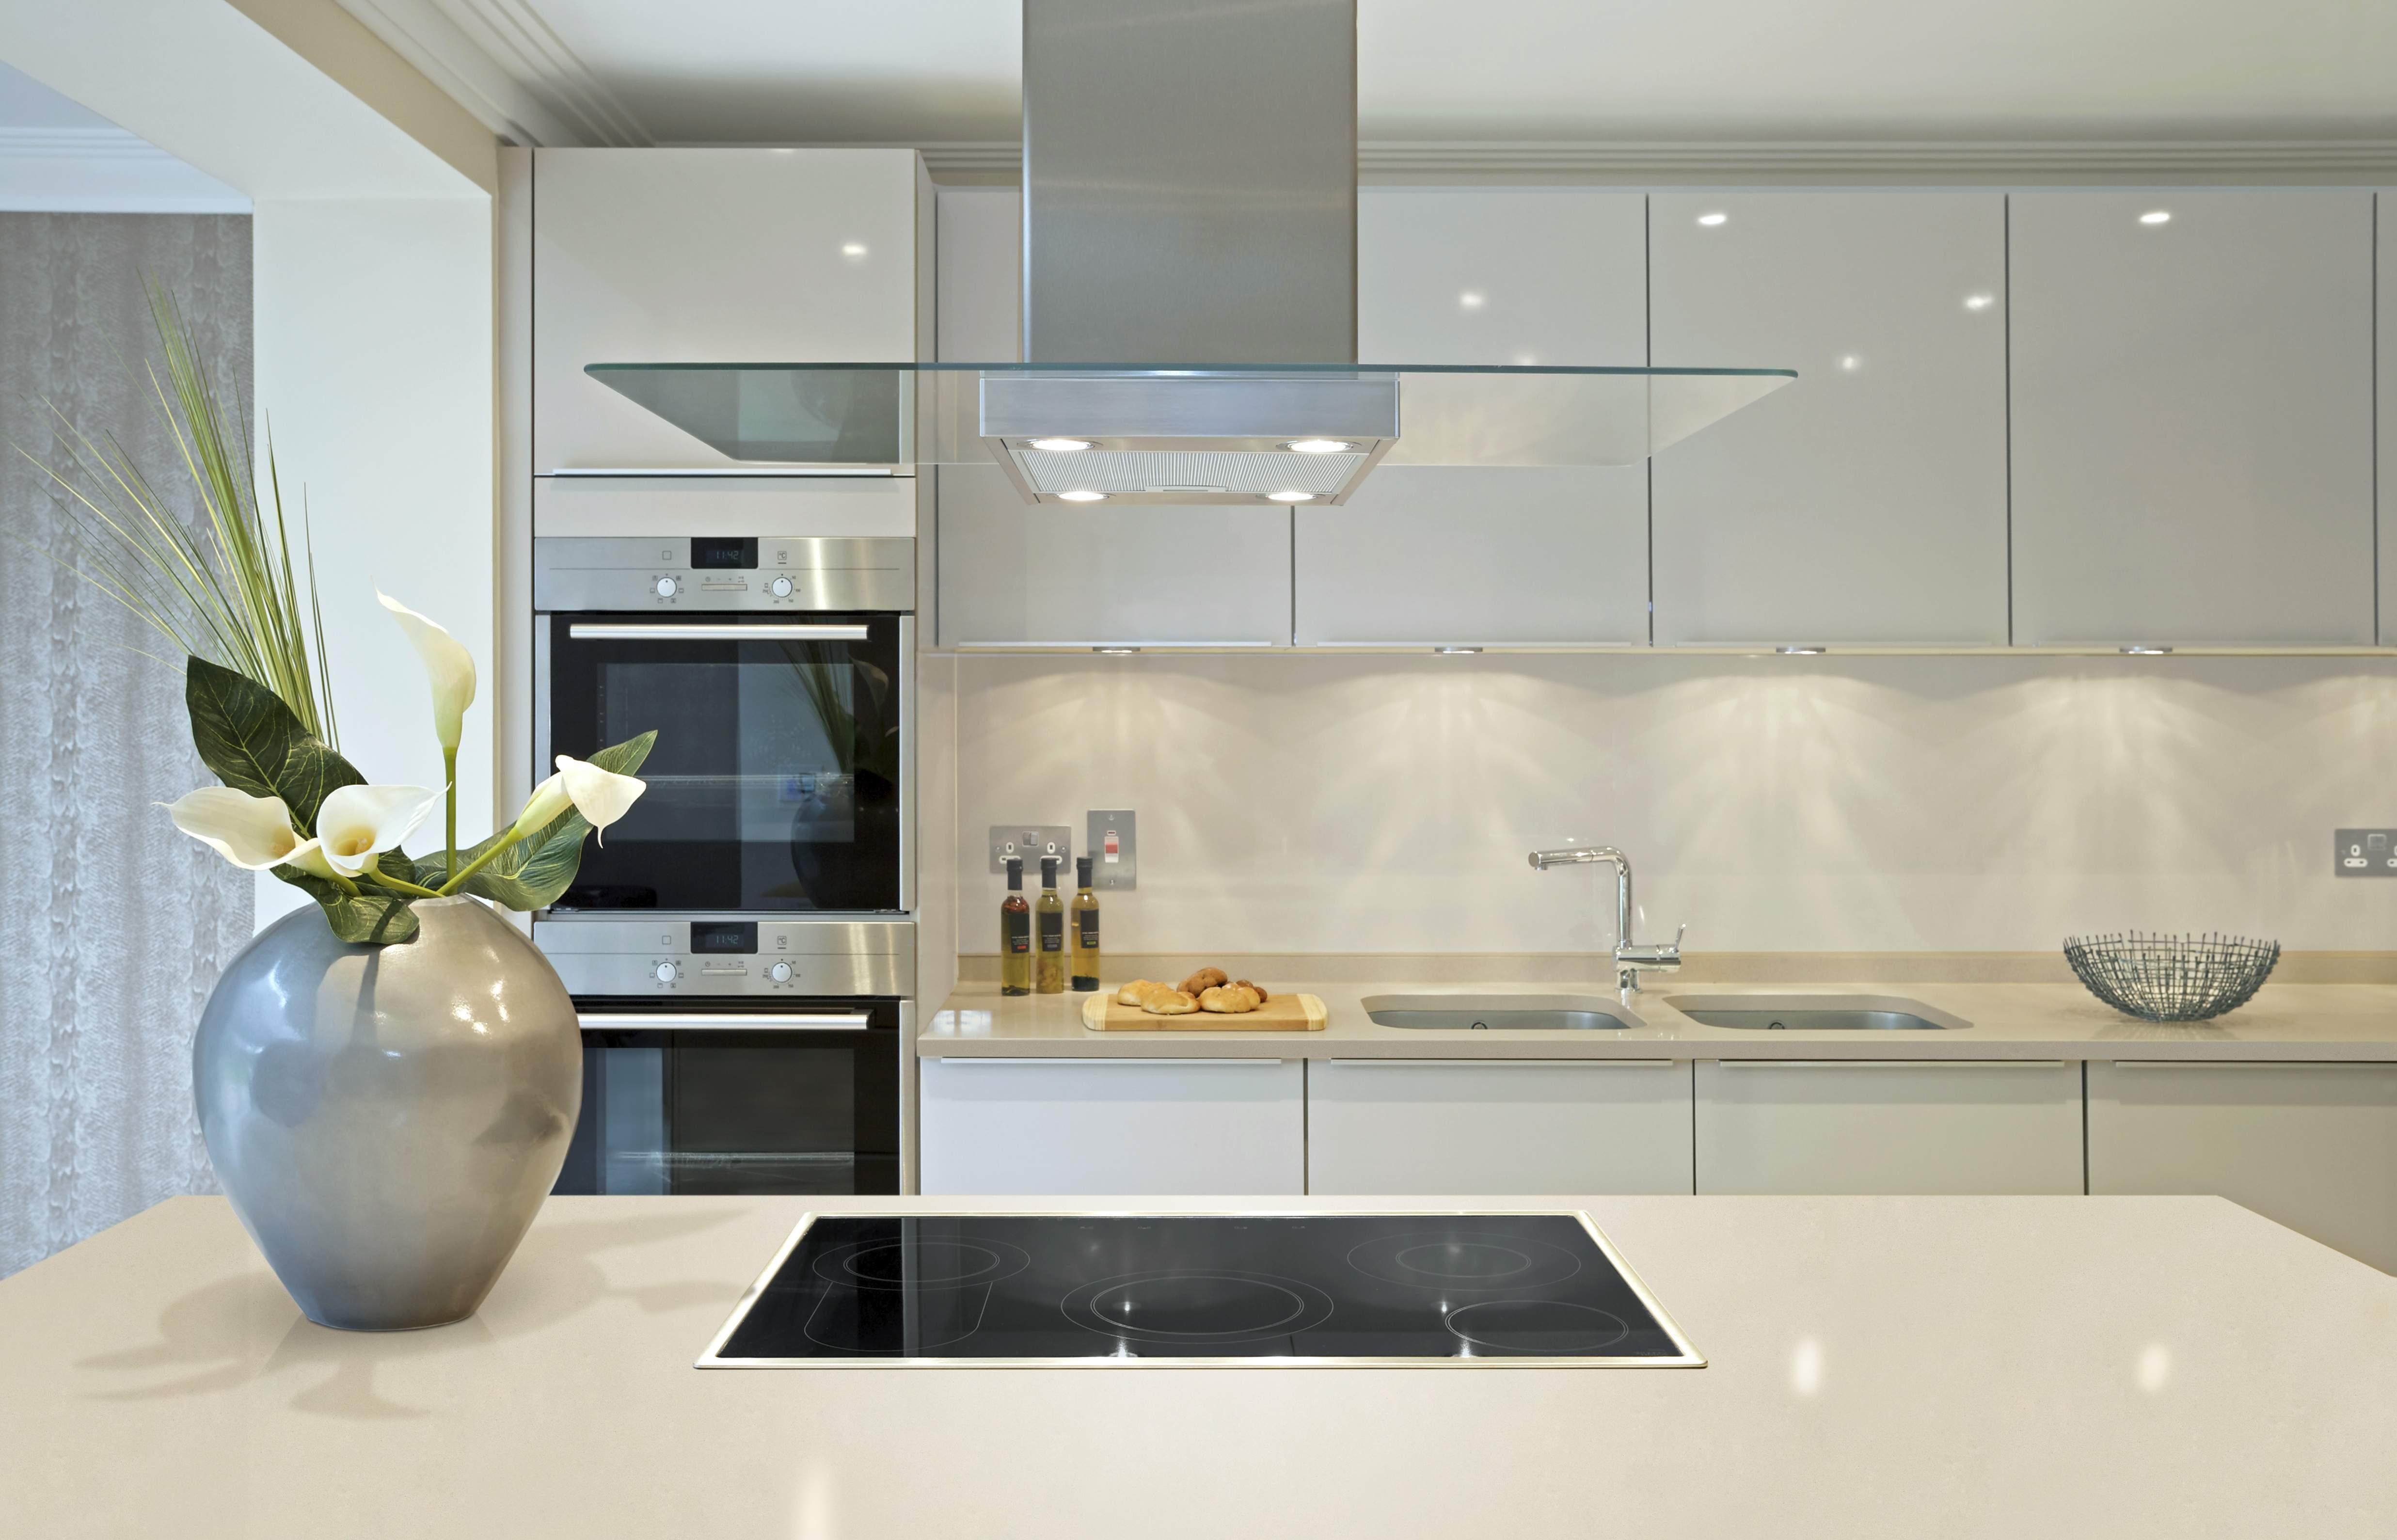 Дизайн кухни 2015 модерн фото